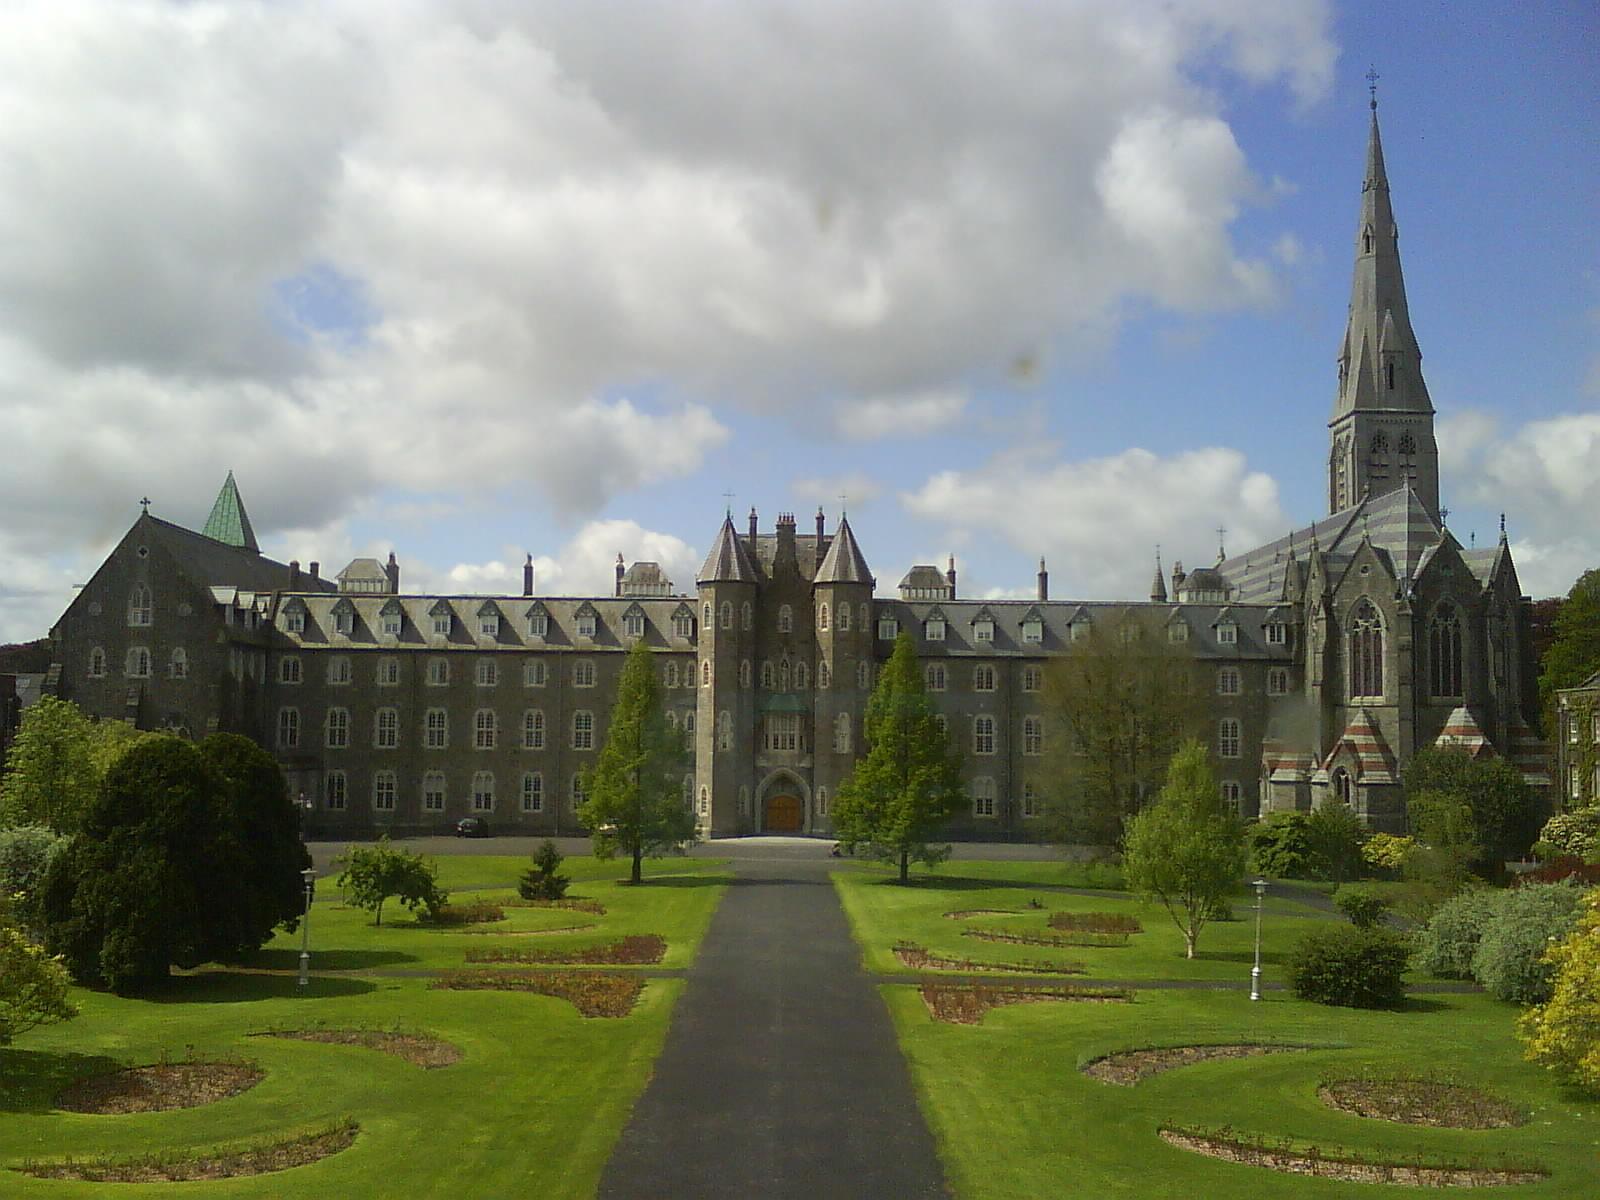 Experiencia en Maynooth, Irlanda por Dan Doherty